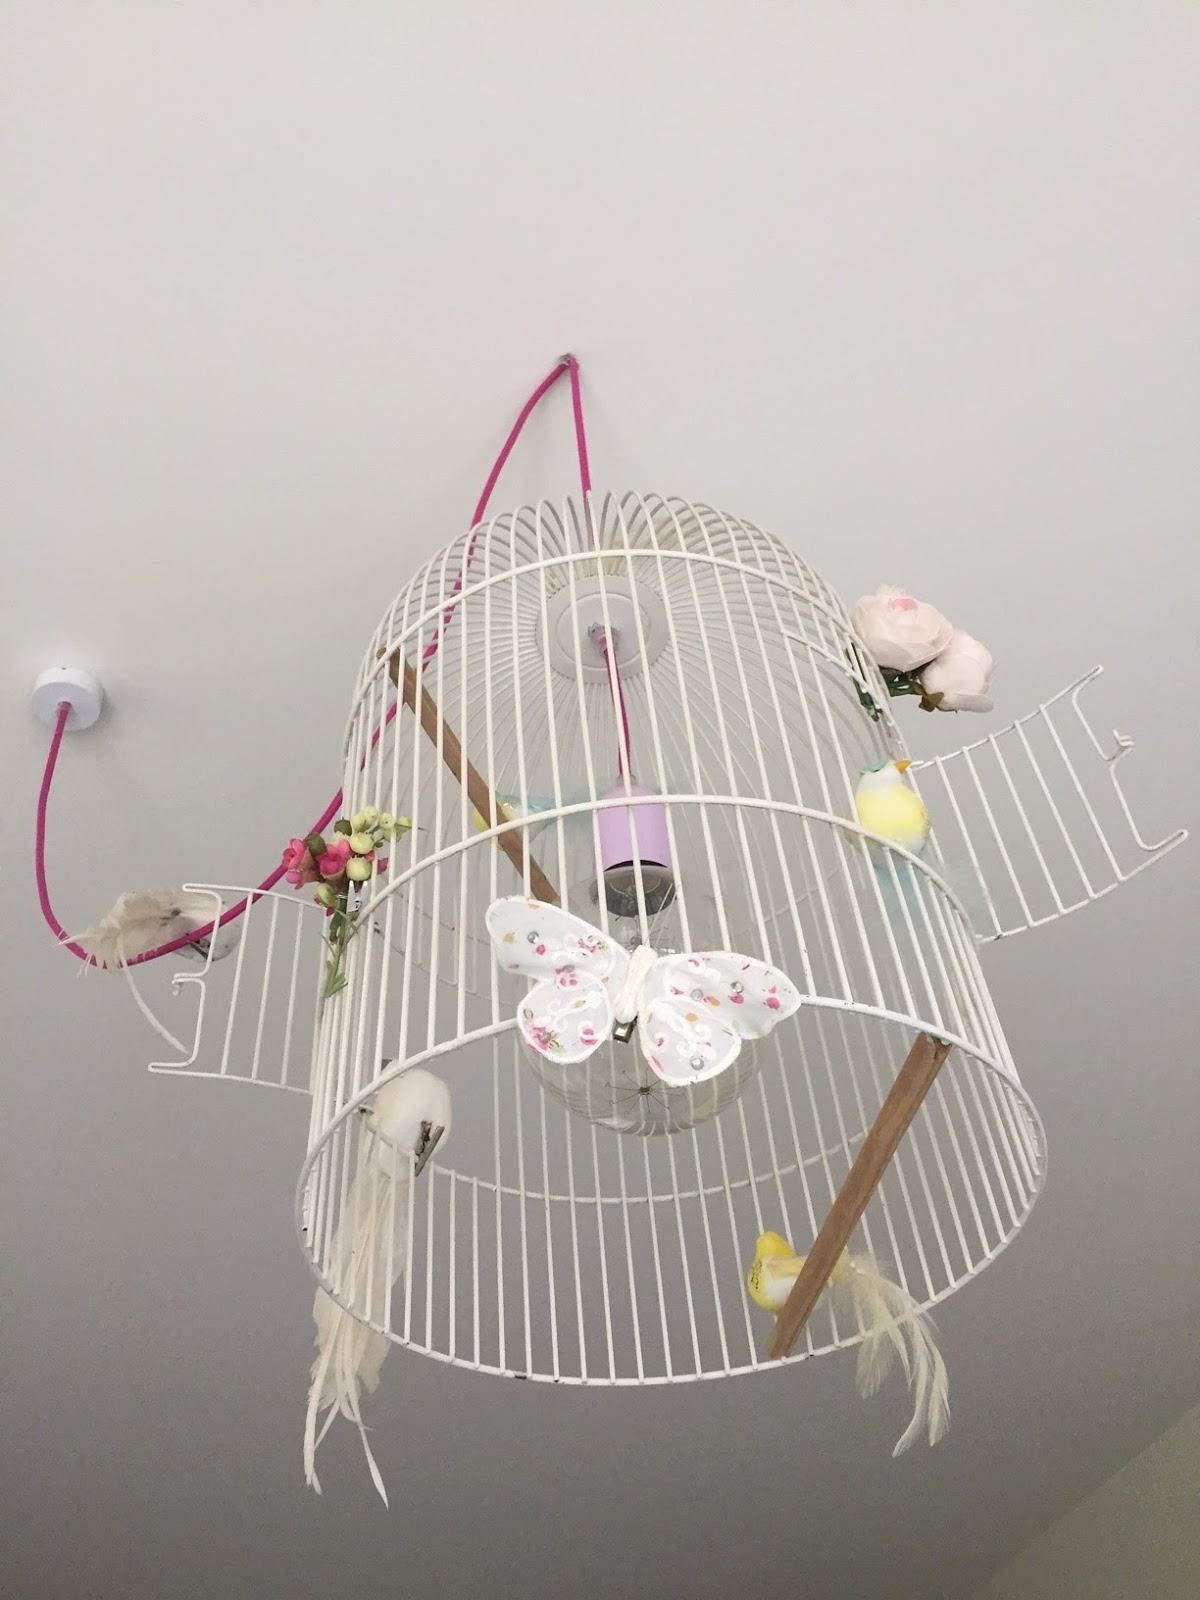 Vogelkooi In Huis : ≥ vogelkooi voor in huis vogels toebehoren marktplaats